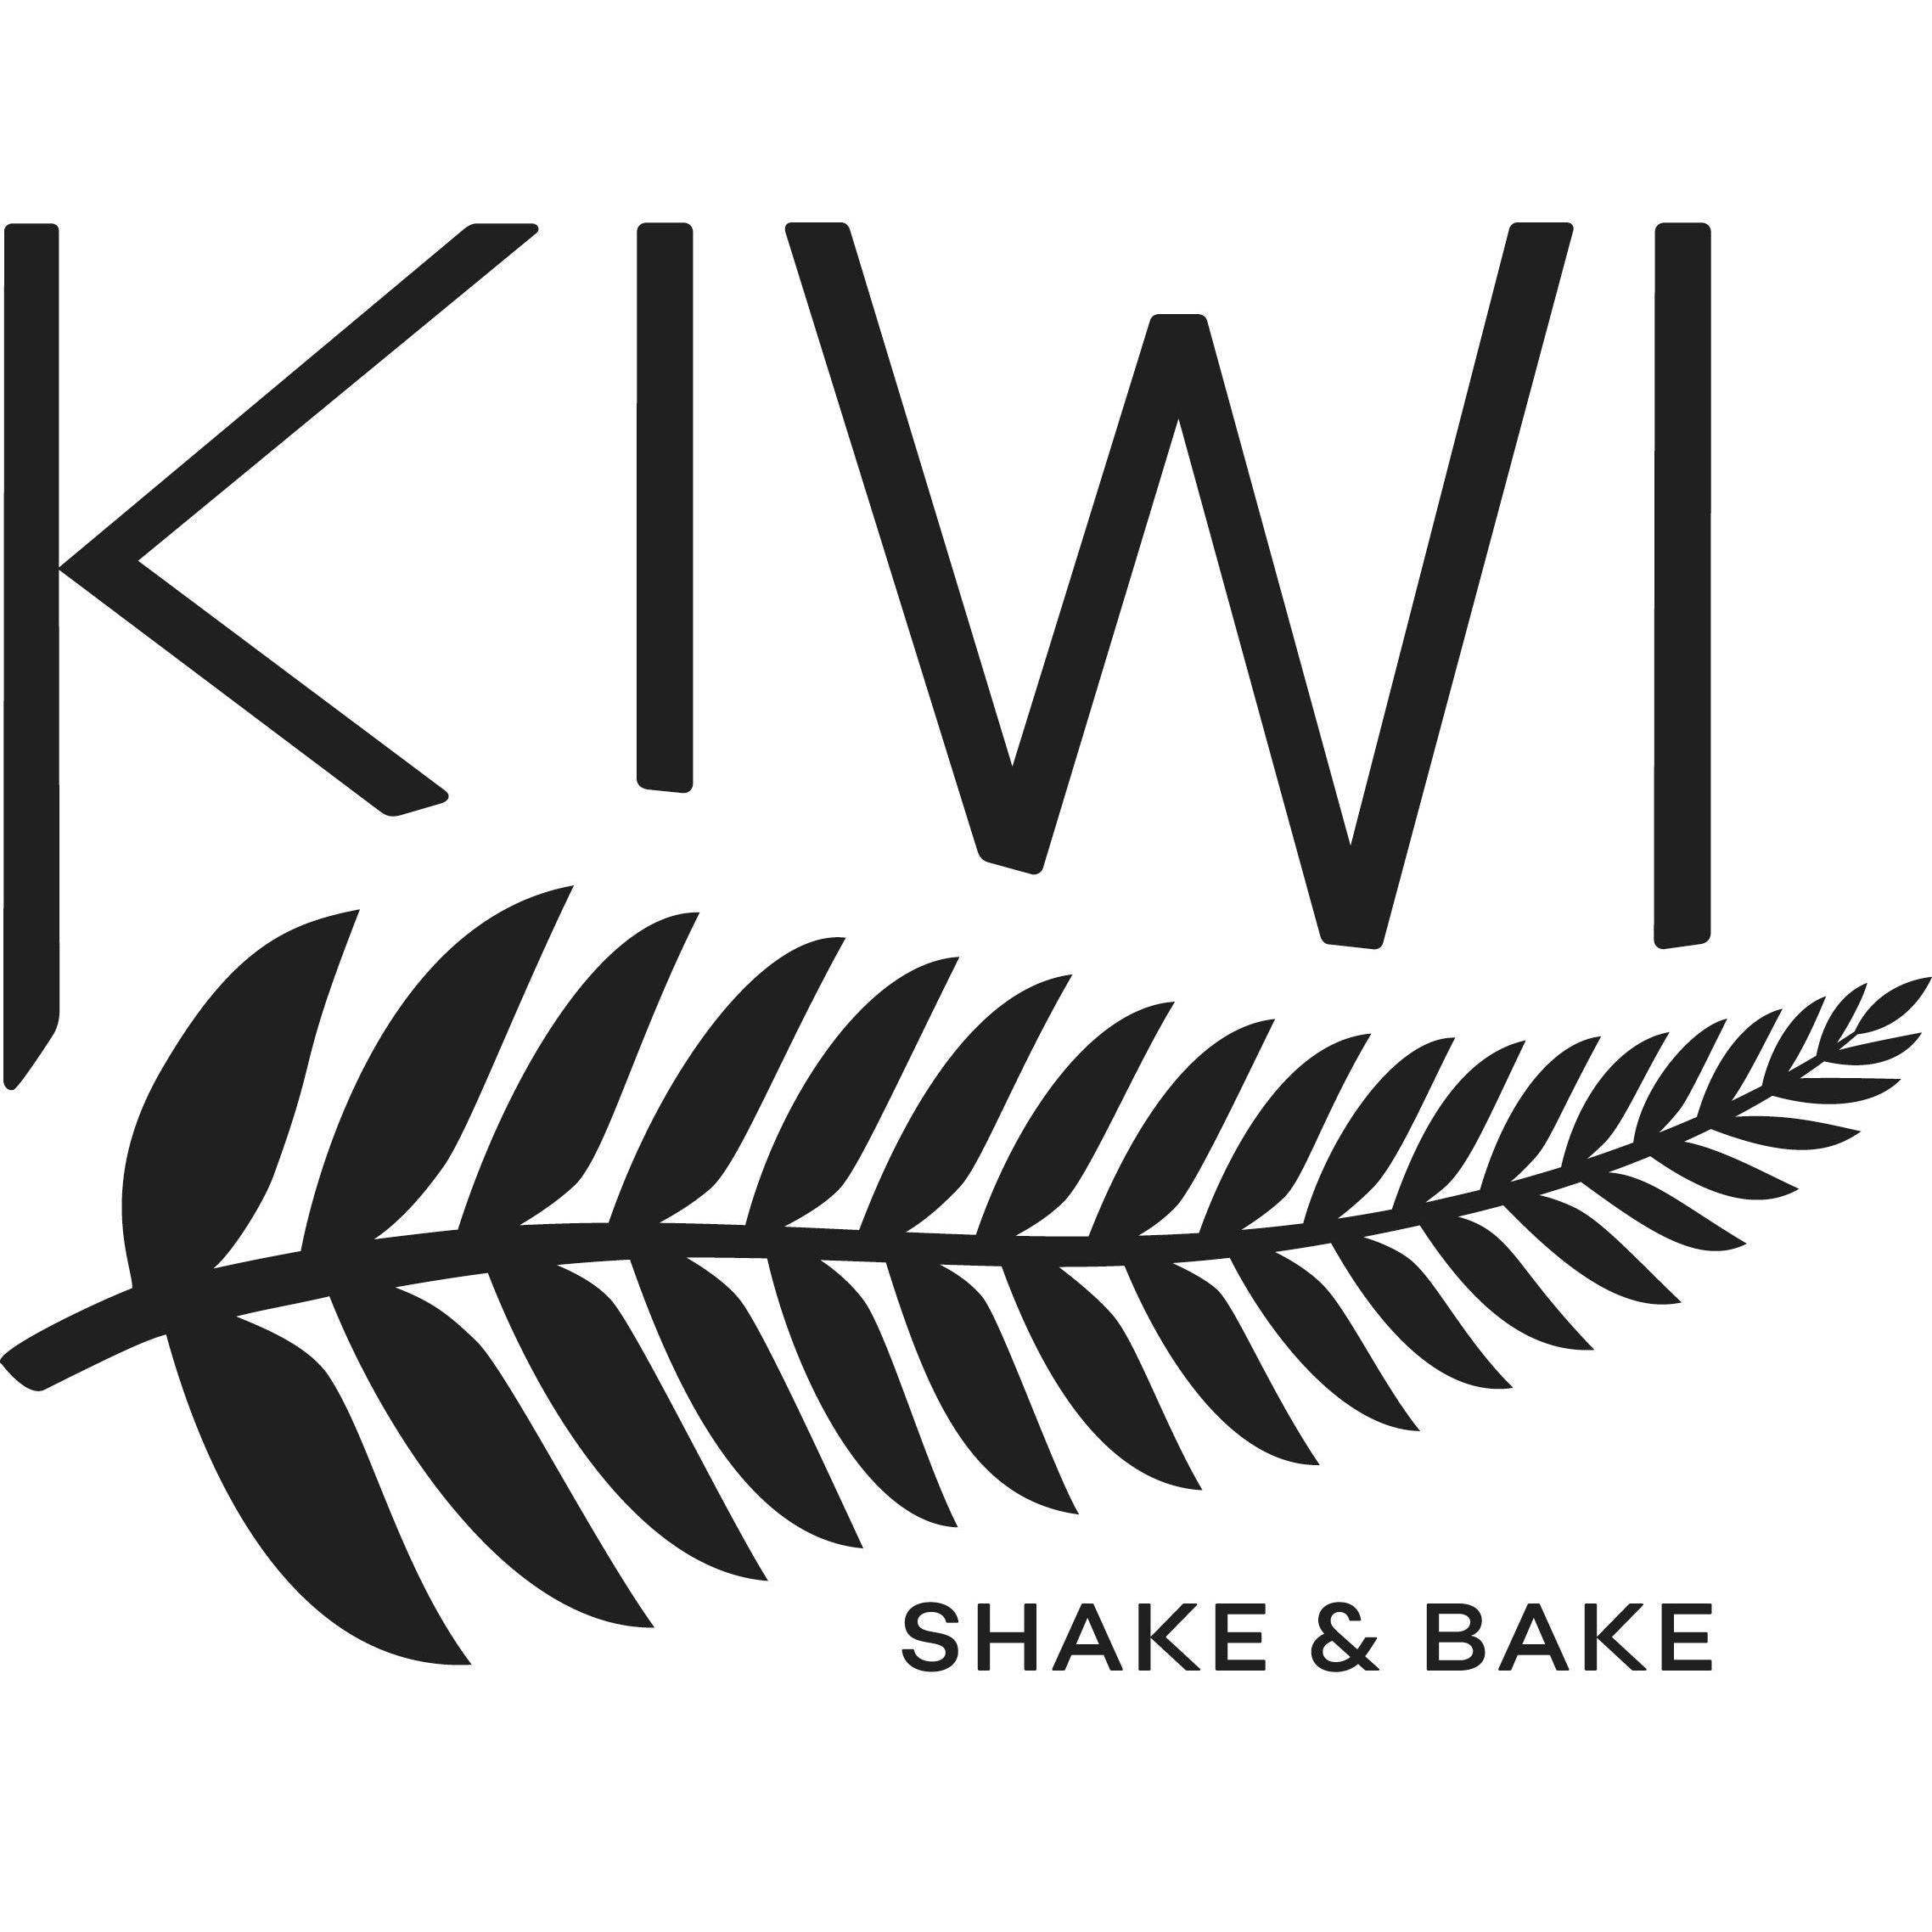 Kiwi Shake and Bake image 1